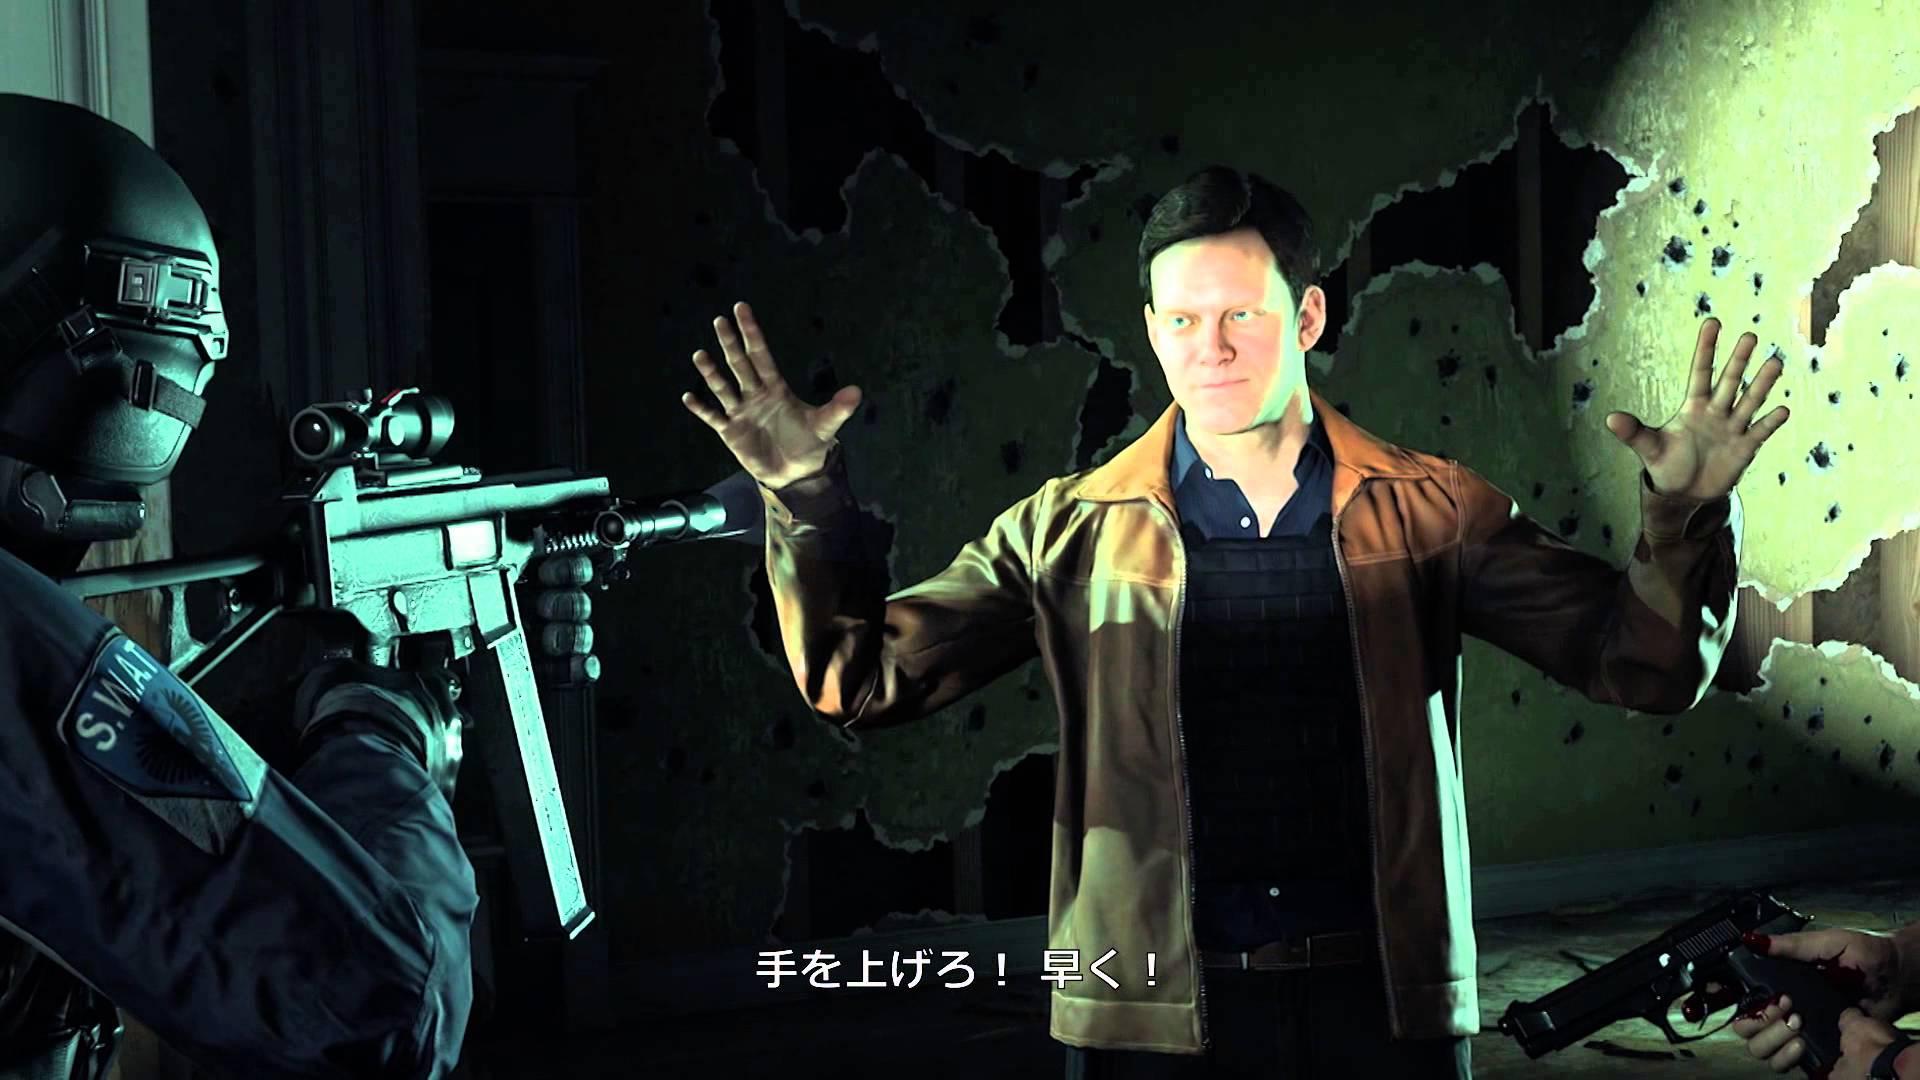 『バトルフィールド ハードライン』日本語字幕入りストーリートレーラーが公開!